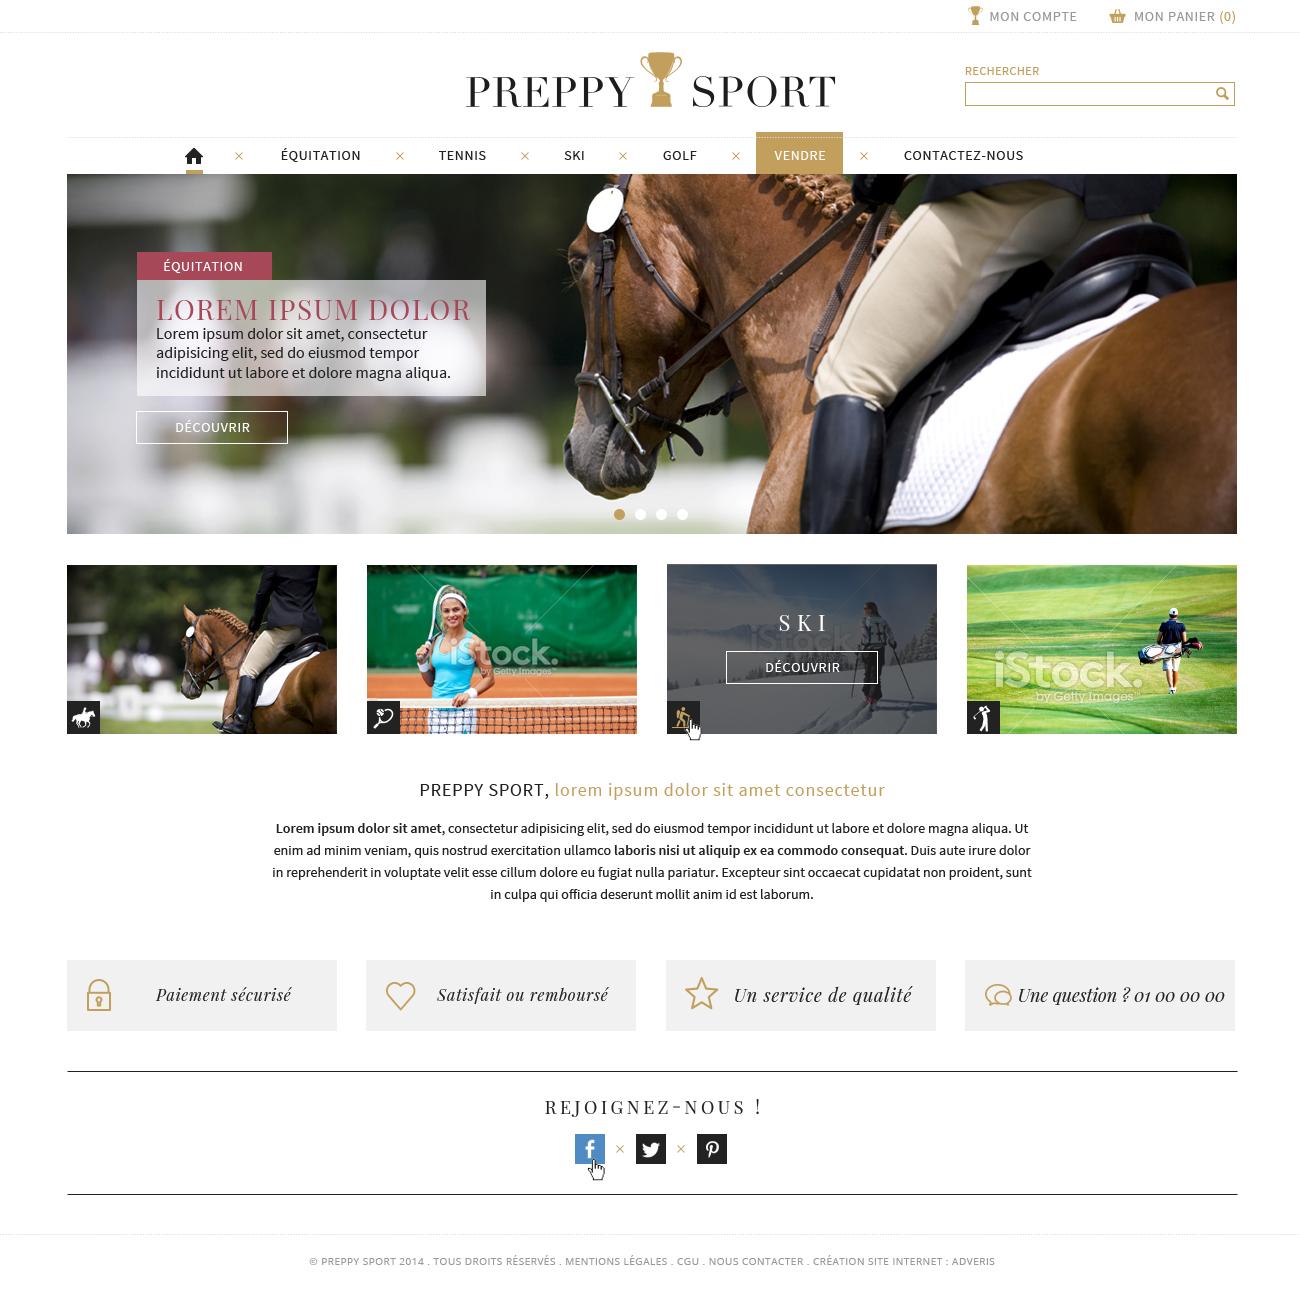 preppysport-accueil_v1